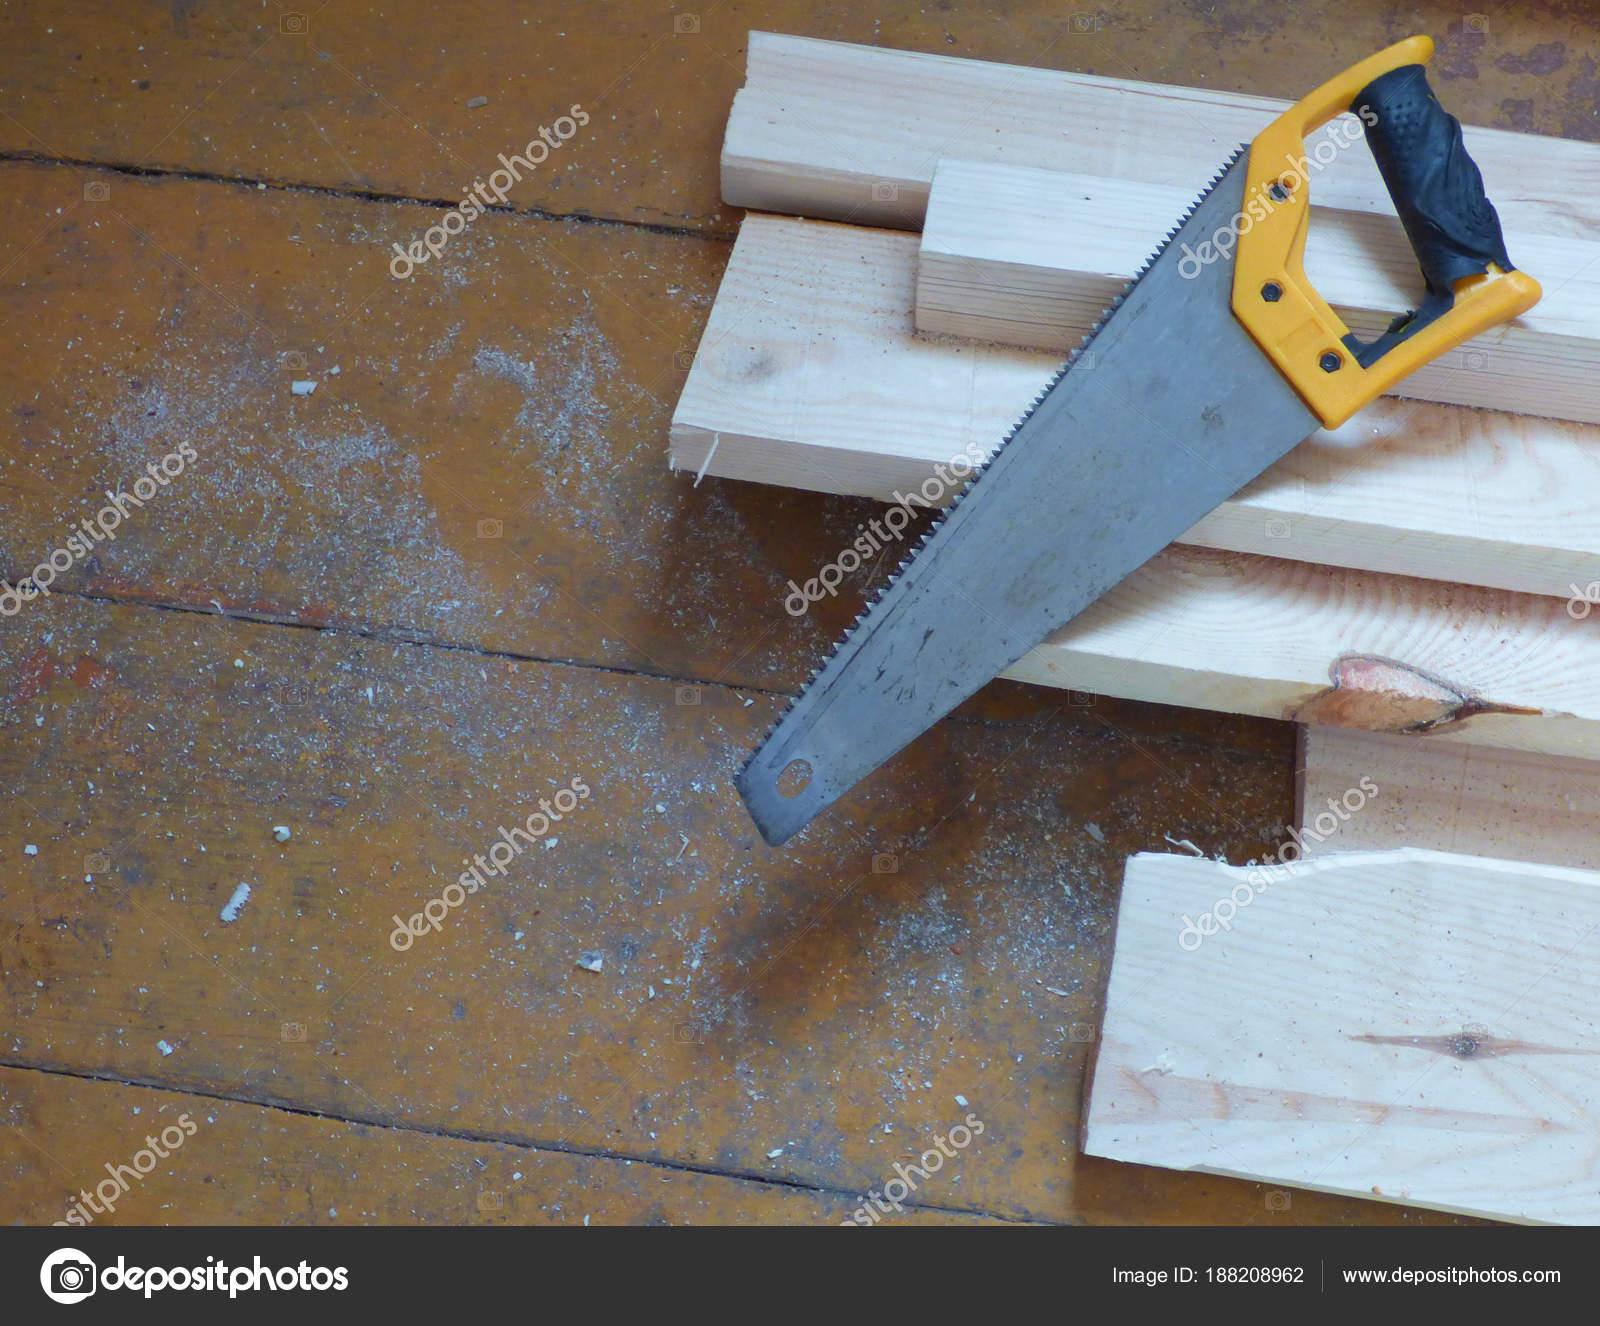 neue frische boards und säge auf gealterten holzoberfläche (tisch